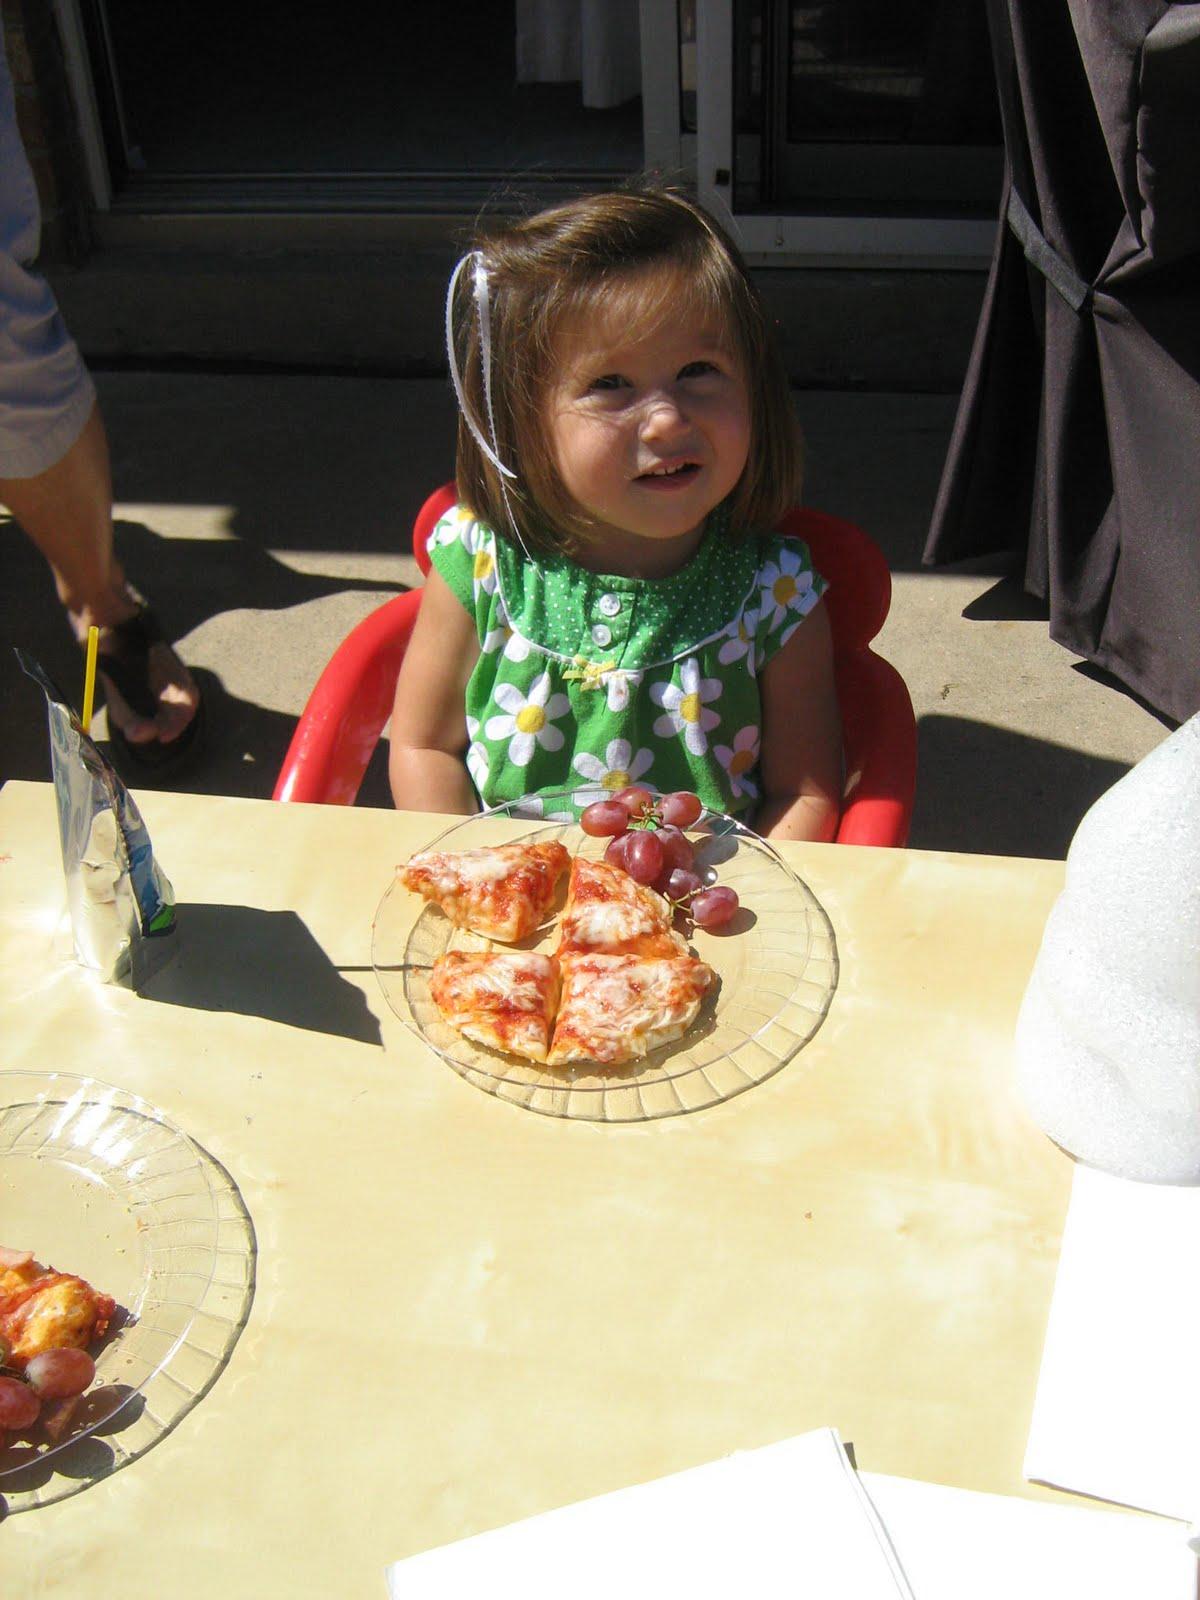 The Parmas Happy 4th Birthday Bria